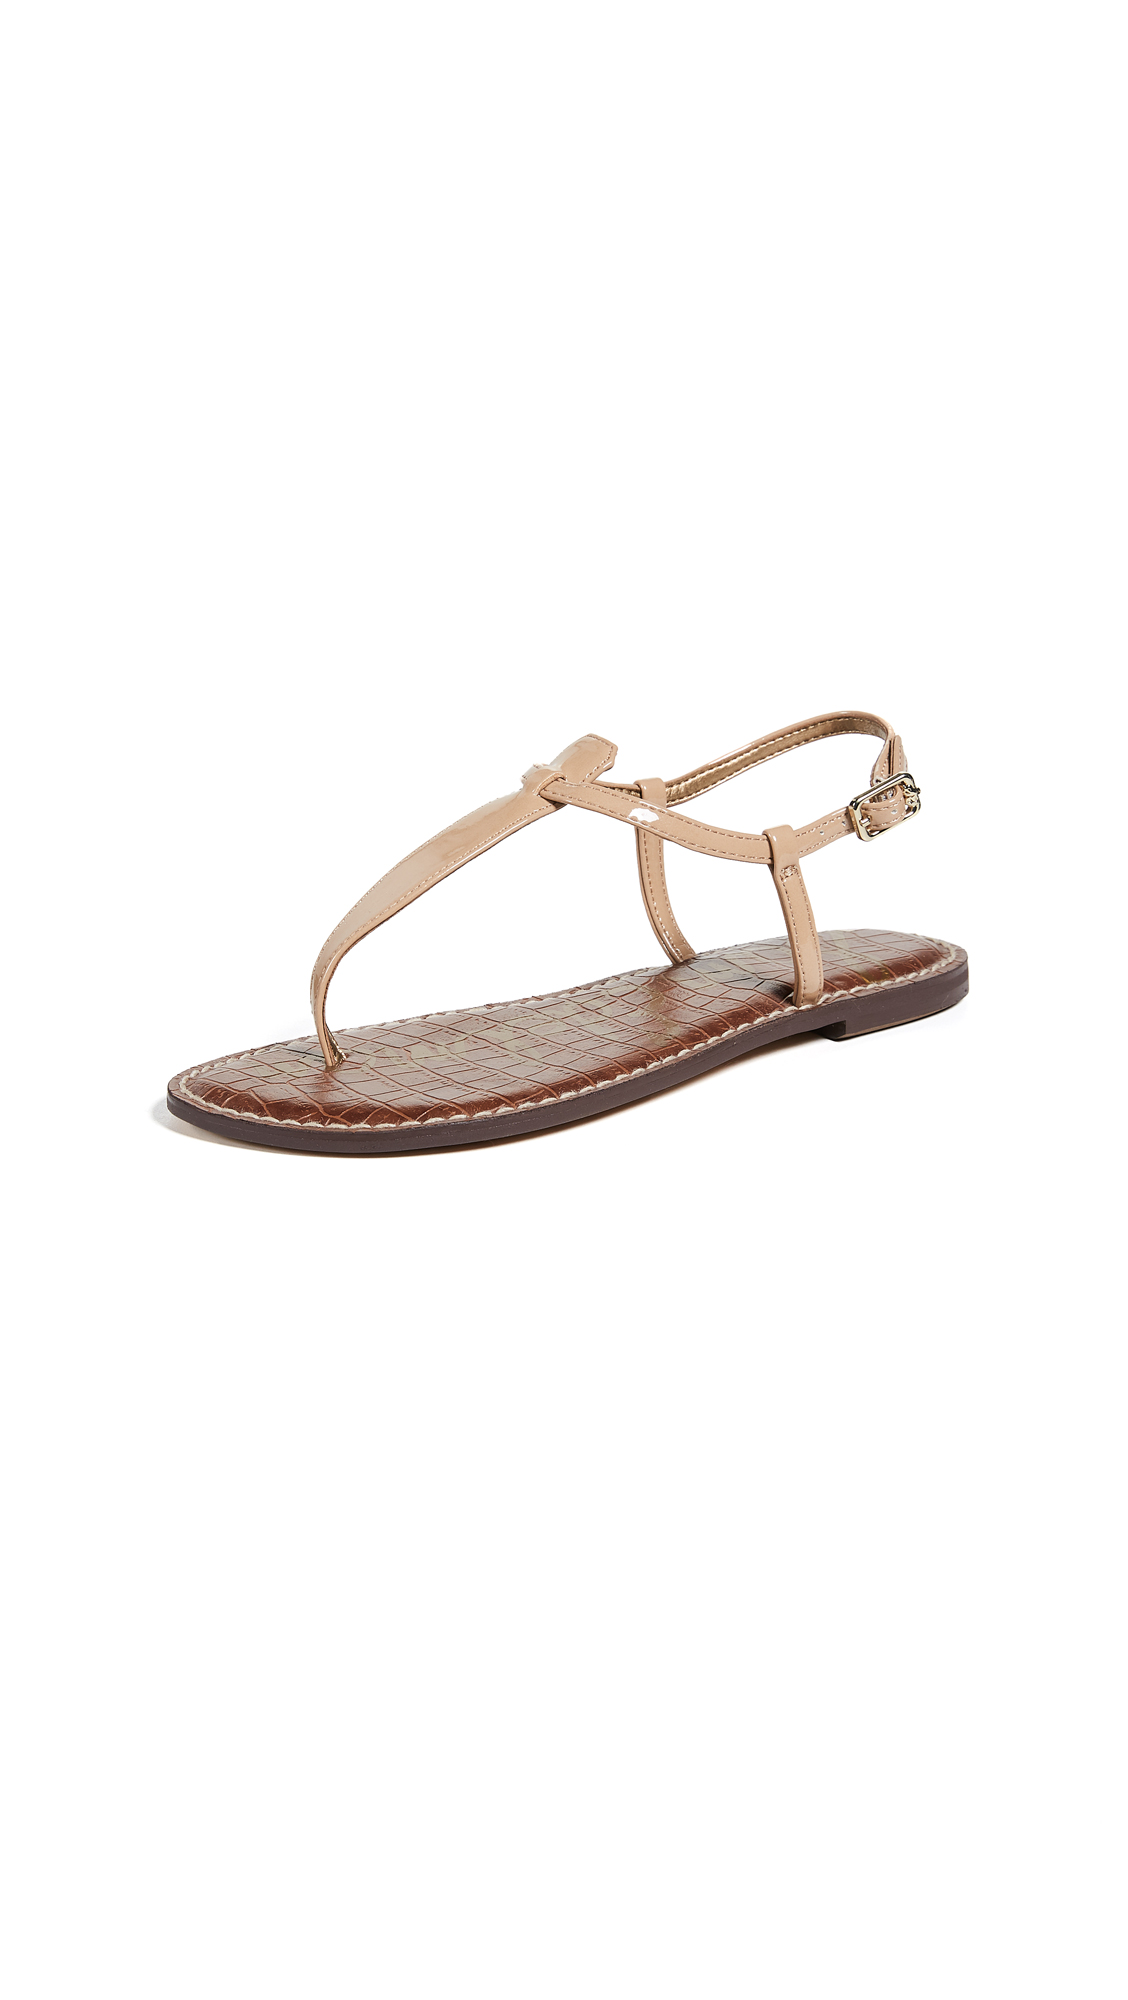 Sam Edelman Gigi Patent T Strap Sandals - Almond